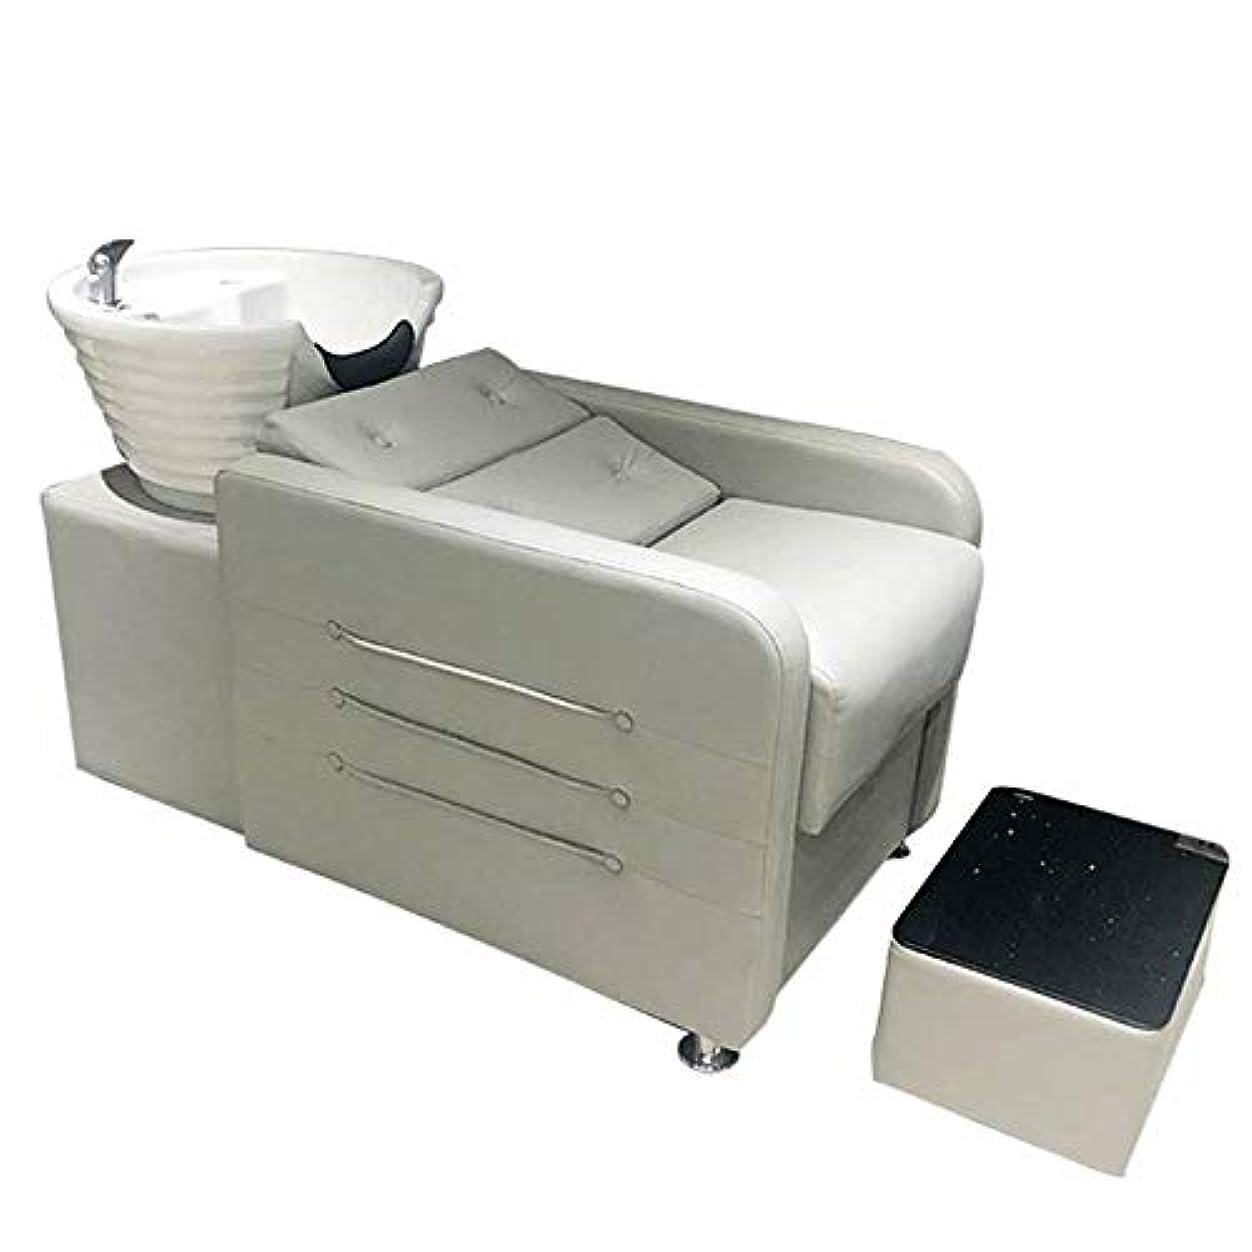 仕事電話正確にシャンプーチェア、 逆洗ユニットシャンプーボウル理髪シンク椅子用スパビューティーサロンフラッシュベッド(グレー)